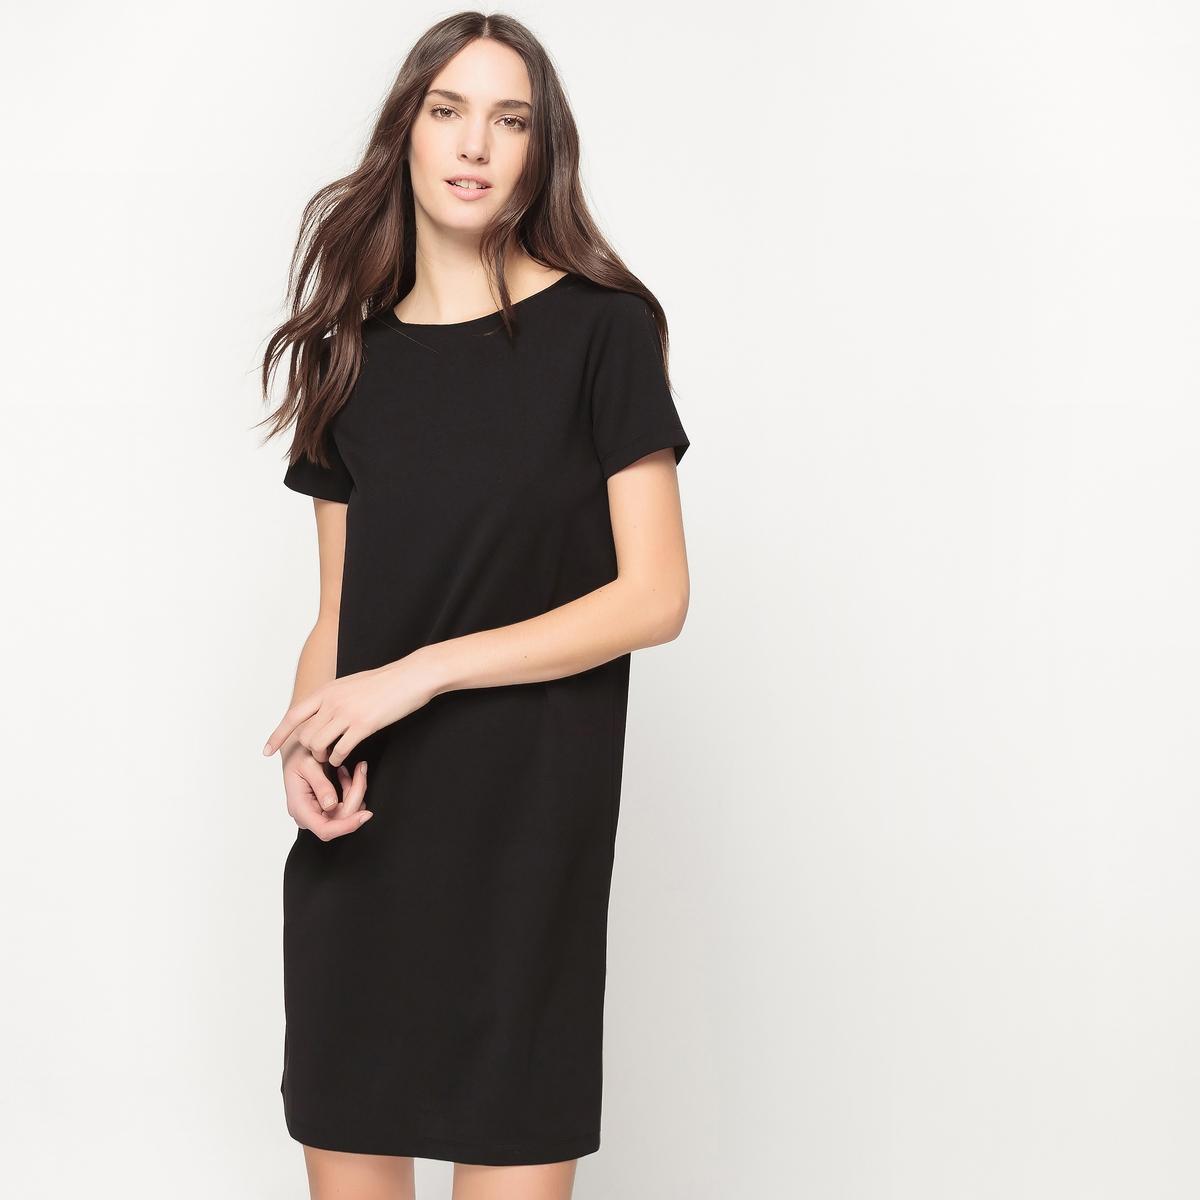 Платье с короткими рукавами, оригинальная спинка платья